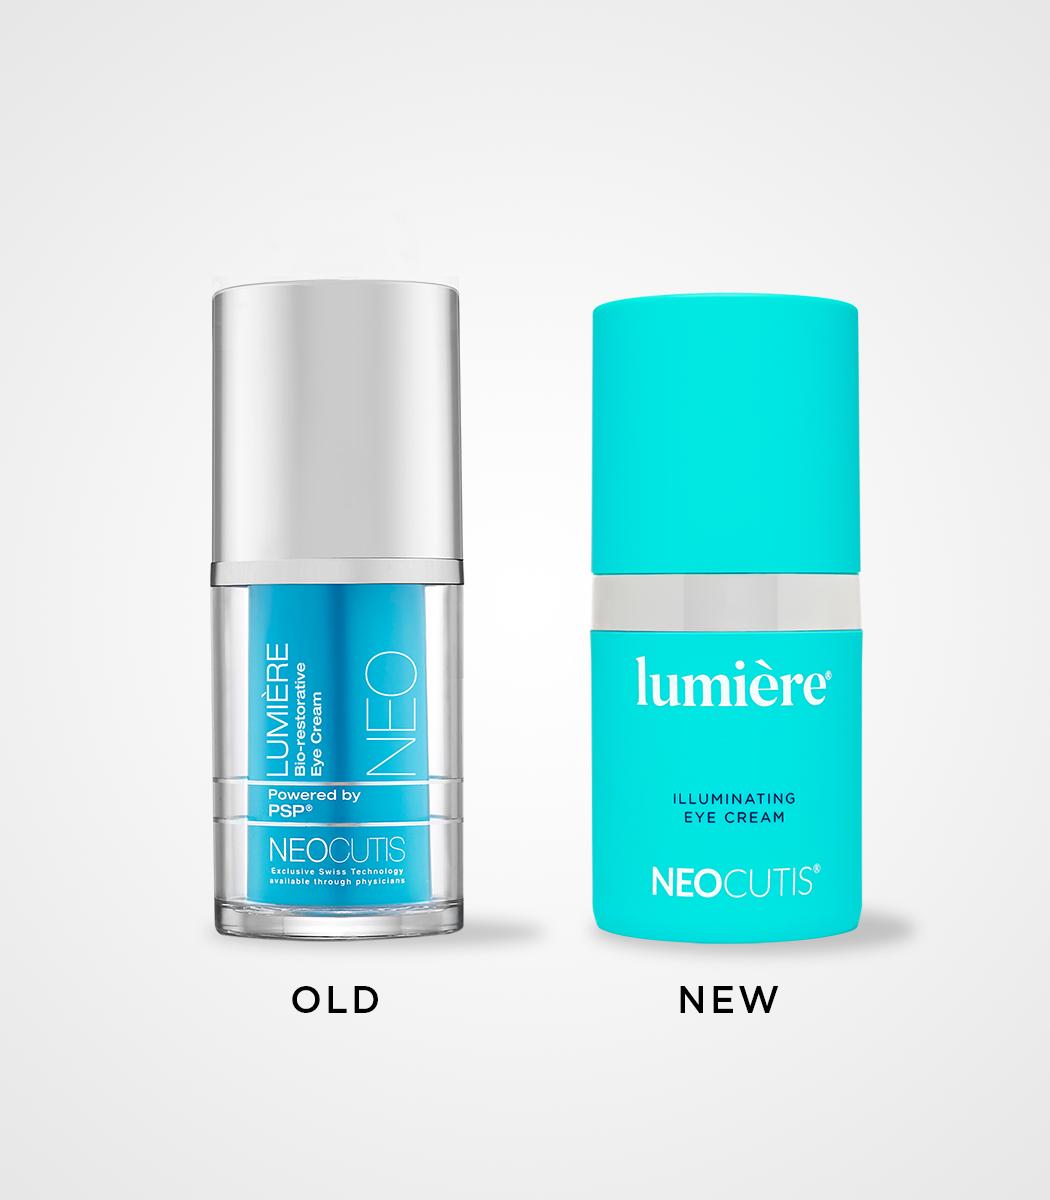 Lumiere Line Smoothing Eye Cream Illuminating Anti Aging Products